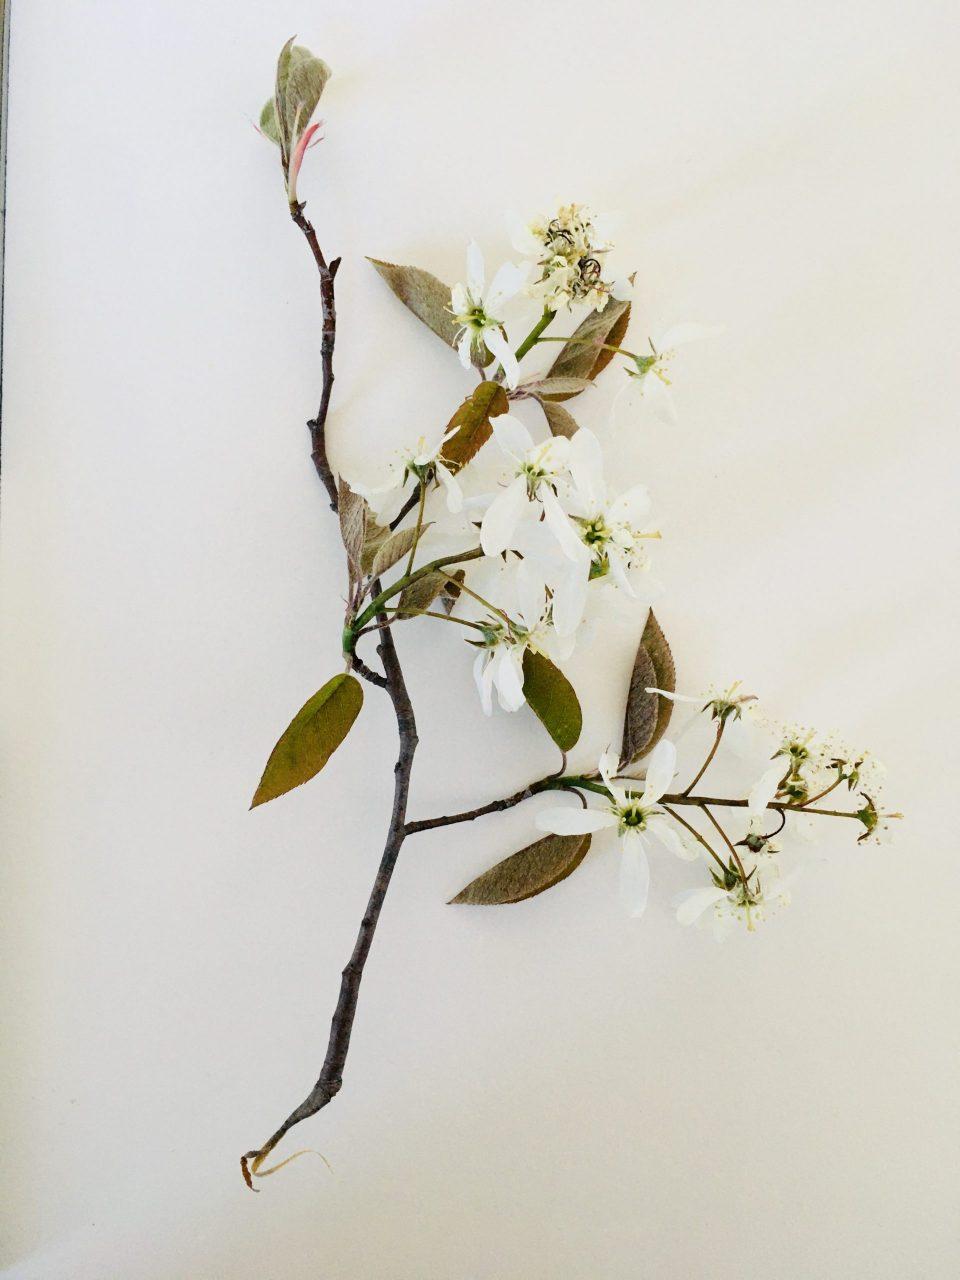 пример цветов для мастер класса по живописи растений